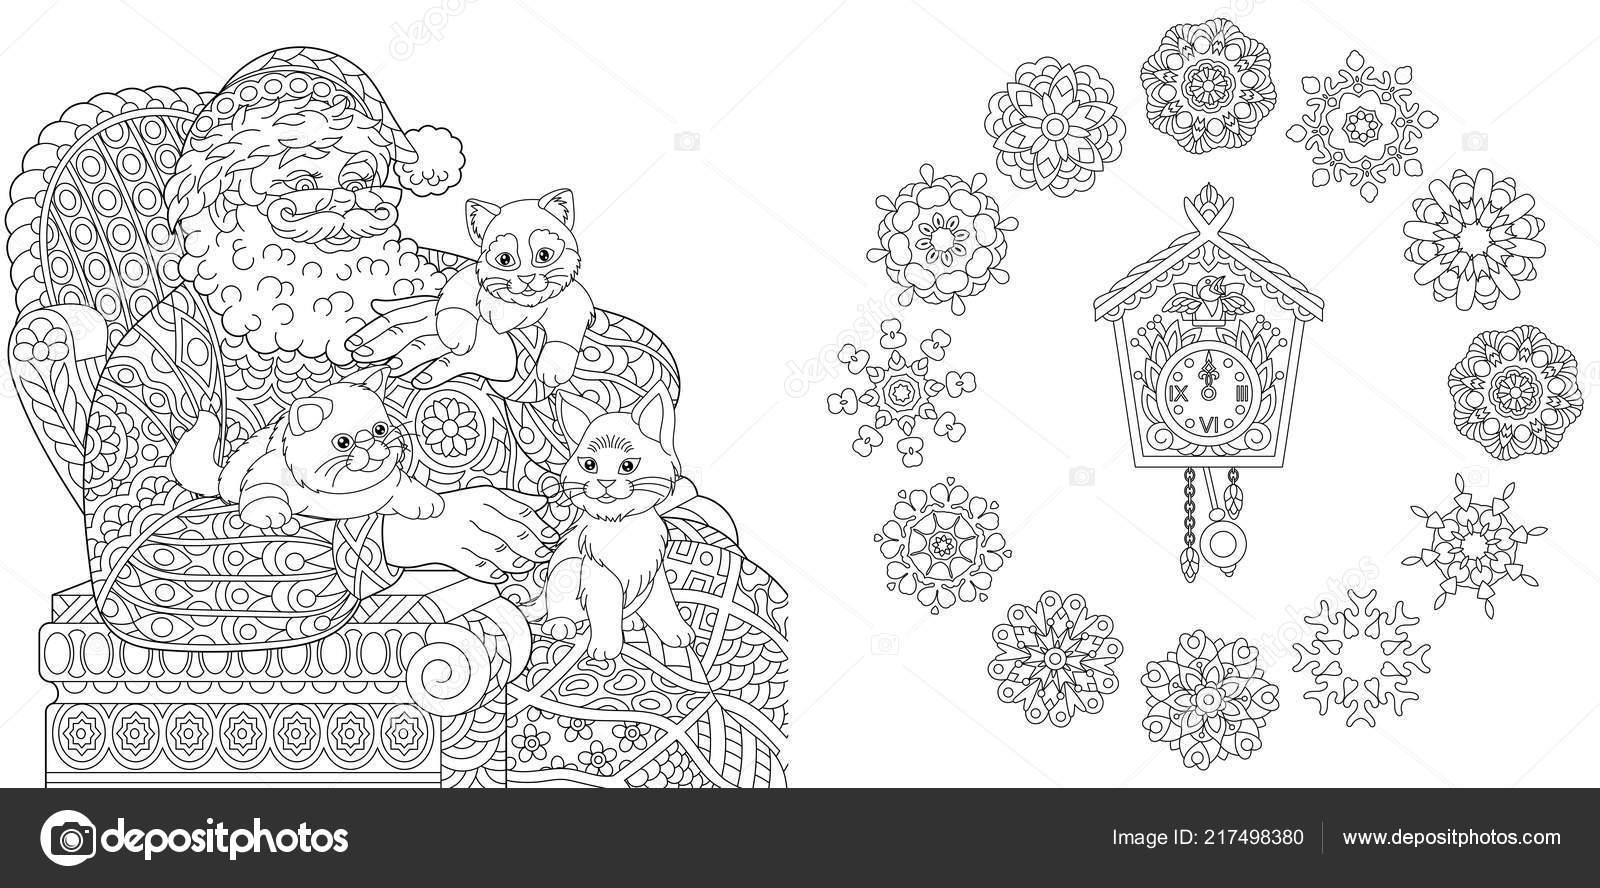 Kleurplaten Voor Volwassenen Kerstmis.Kerstmis Nieuwjaar Kleurplaten Kleurboek Voor Volwassenen Santa